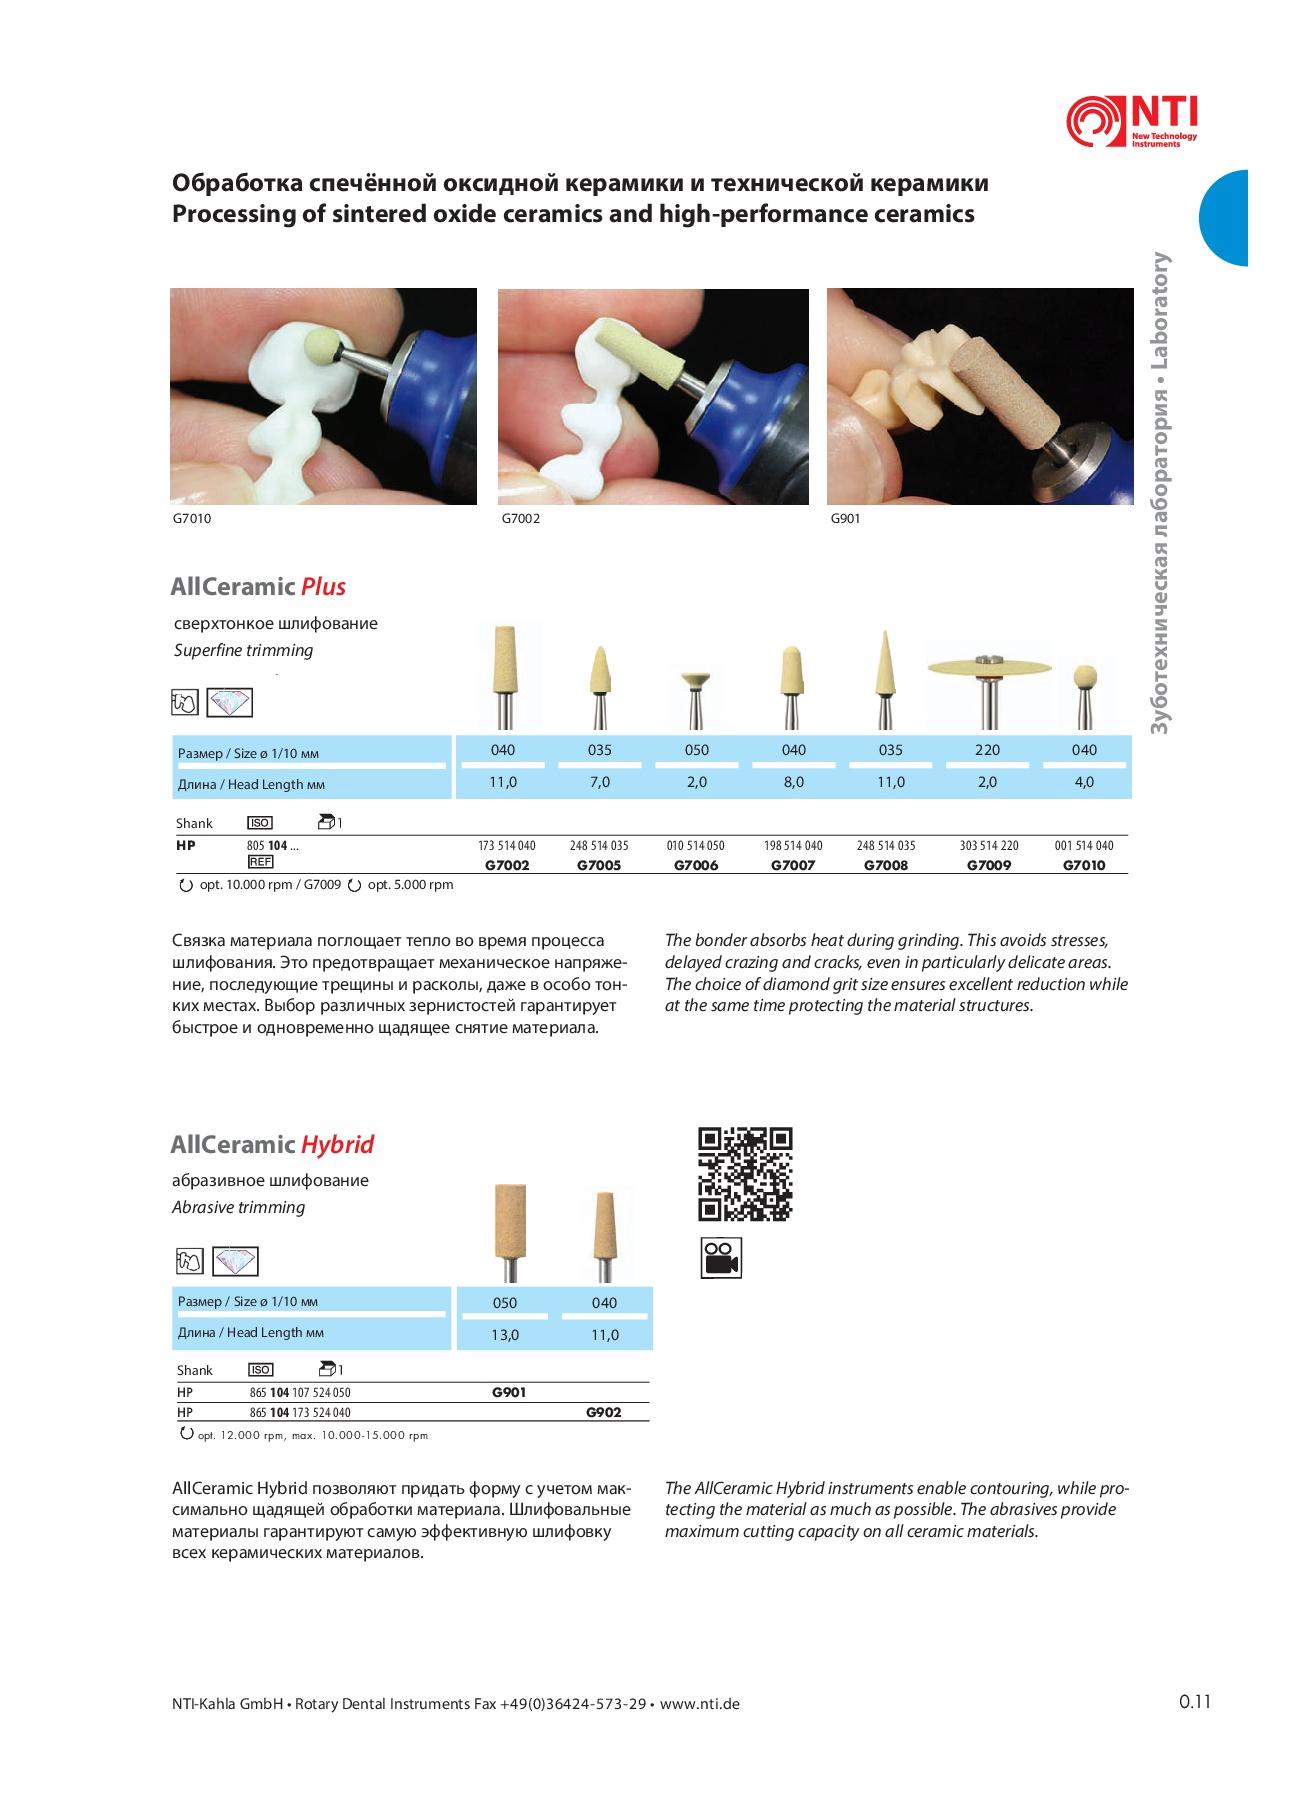 Обработка технической керамики10